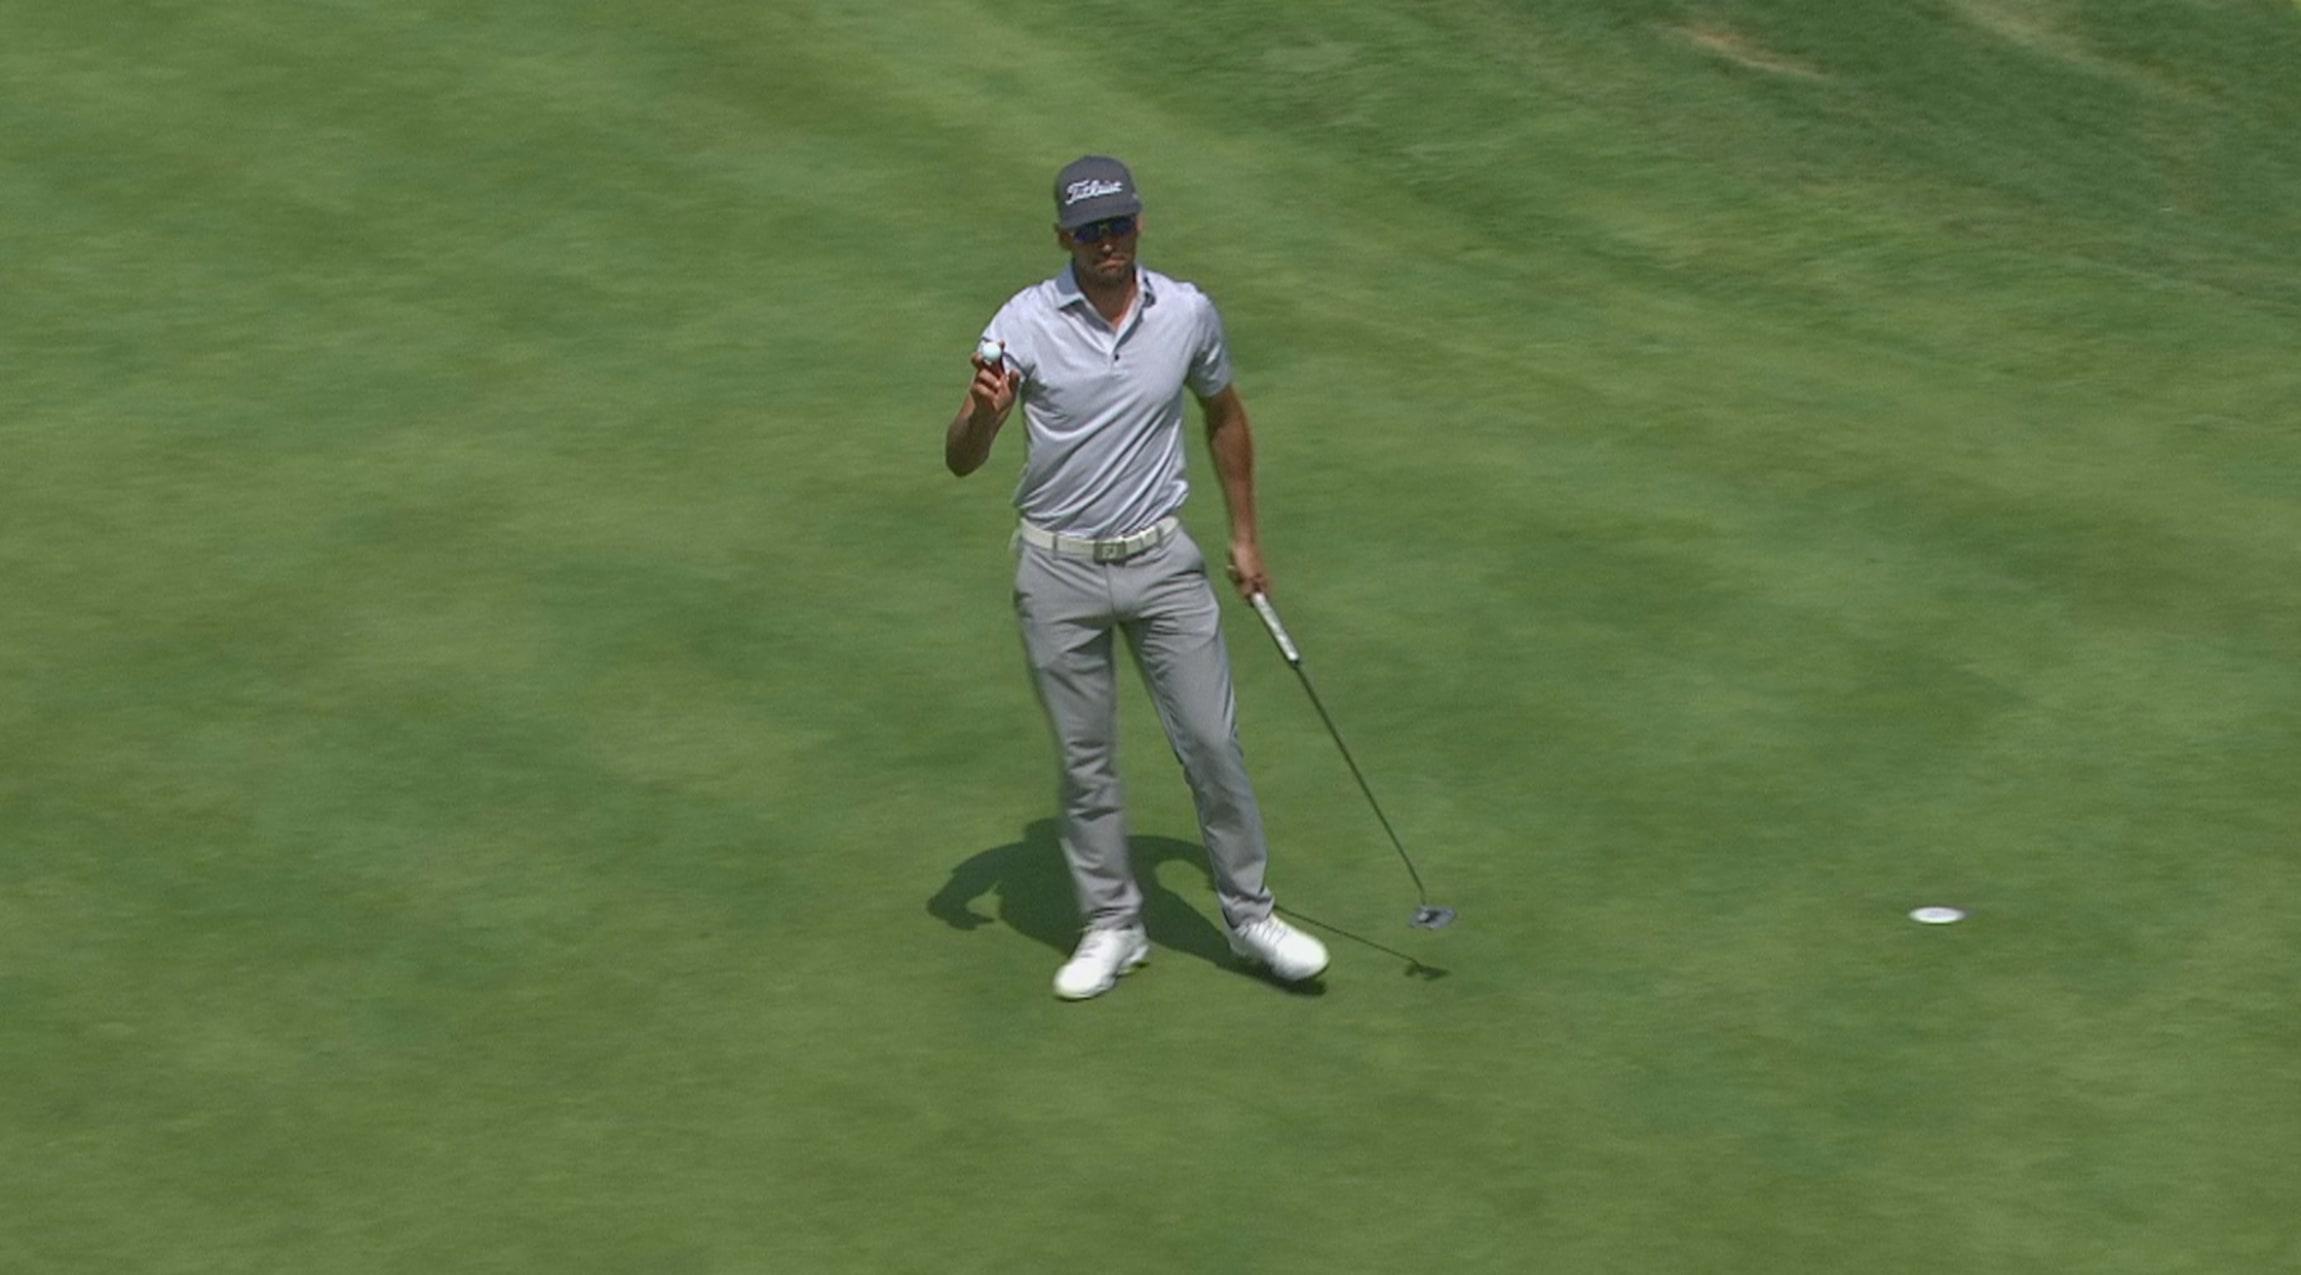 Rafa Cabrera Bello PGA TOUR Profile - News, Stats, and Videos